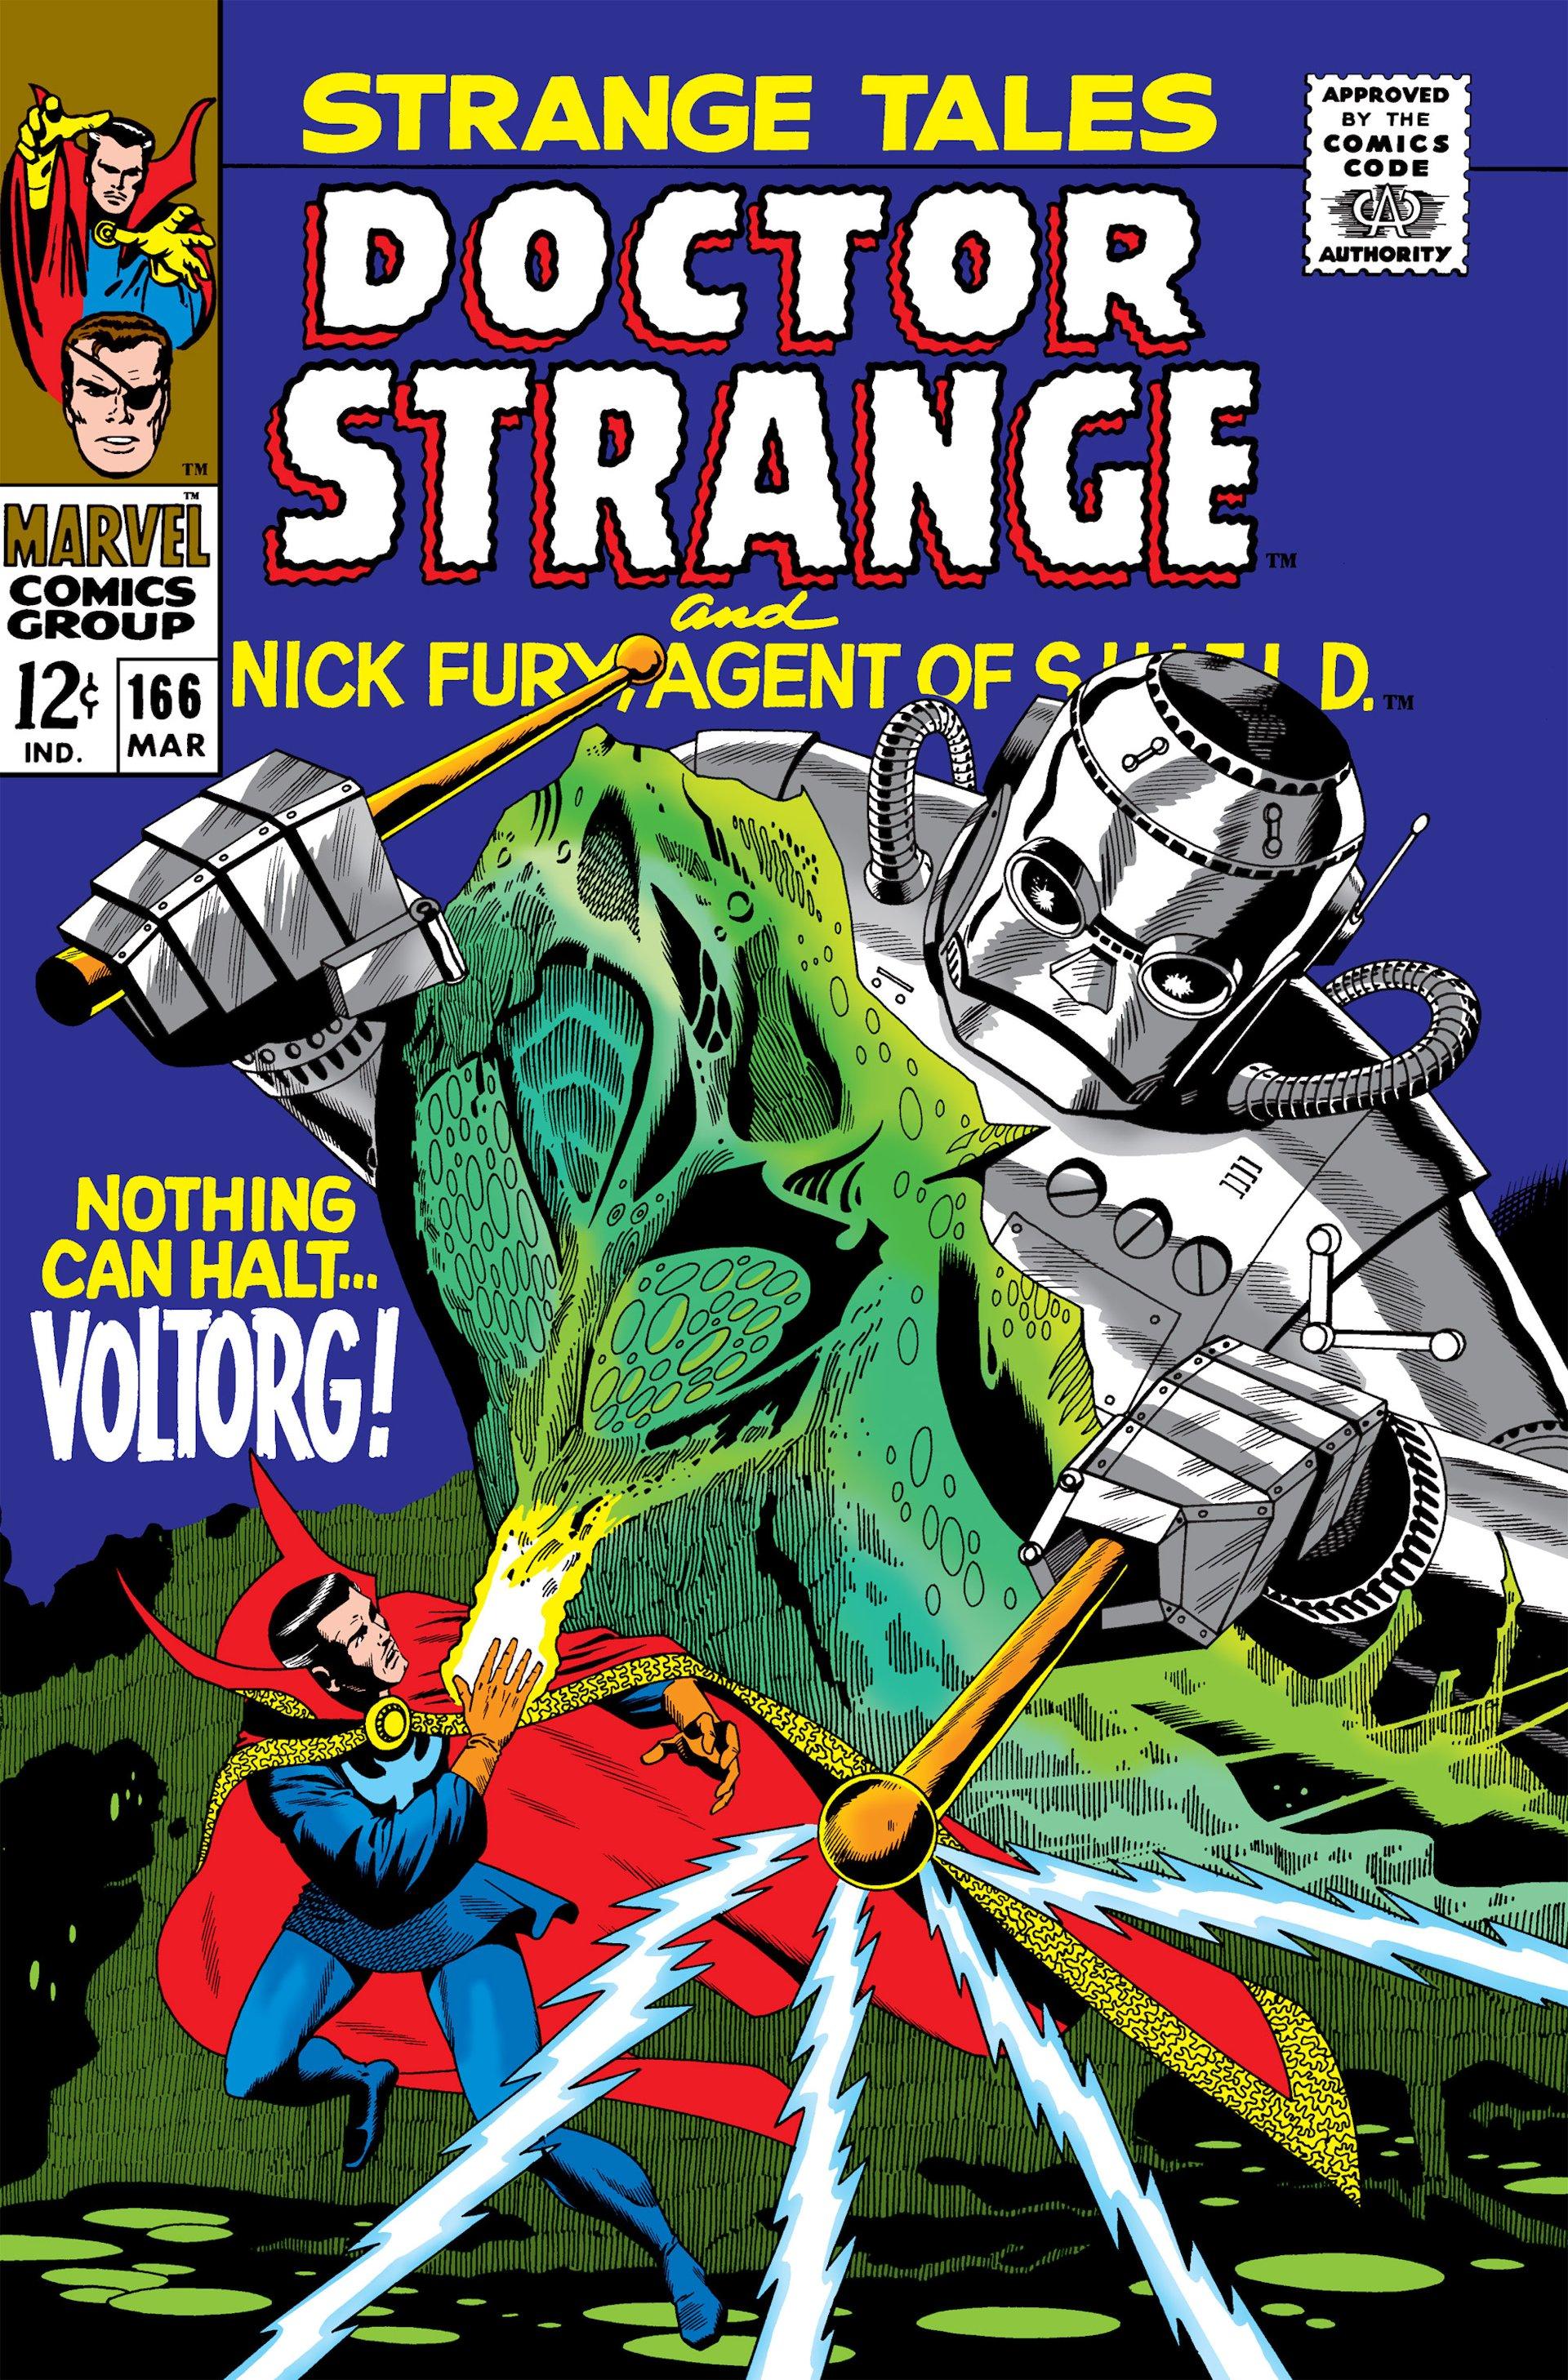 Strange Tales (1951) 166 Page 1